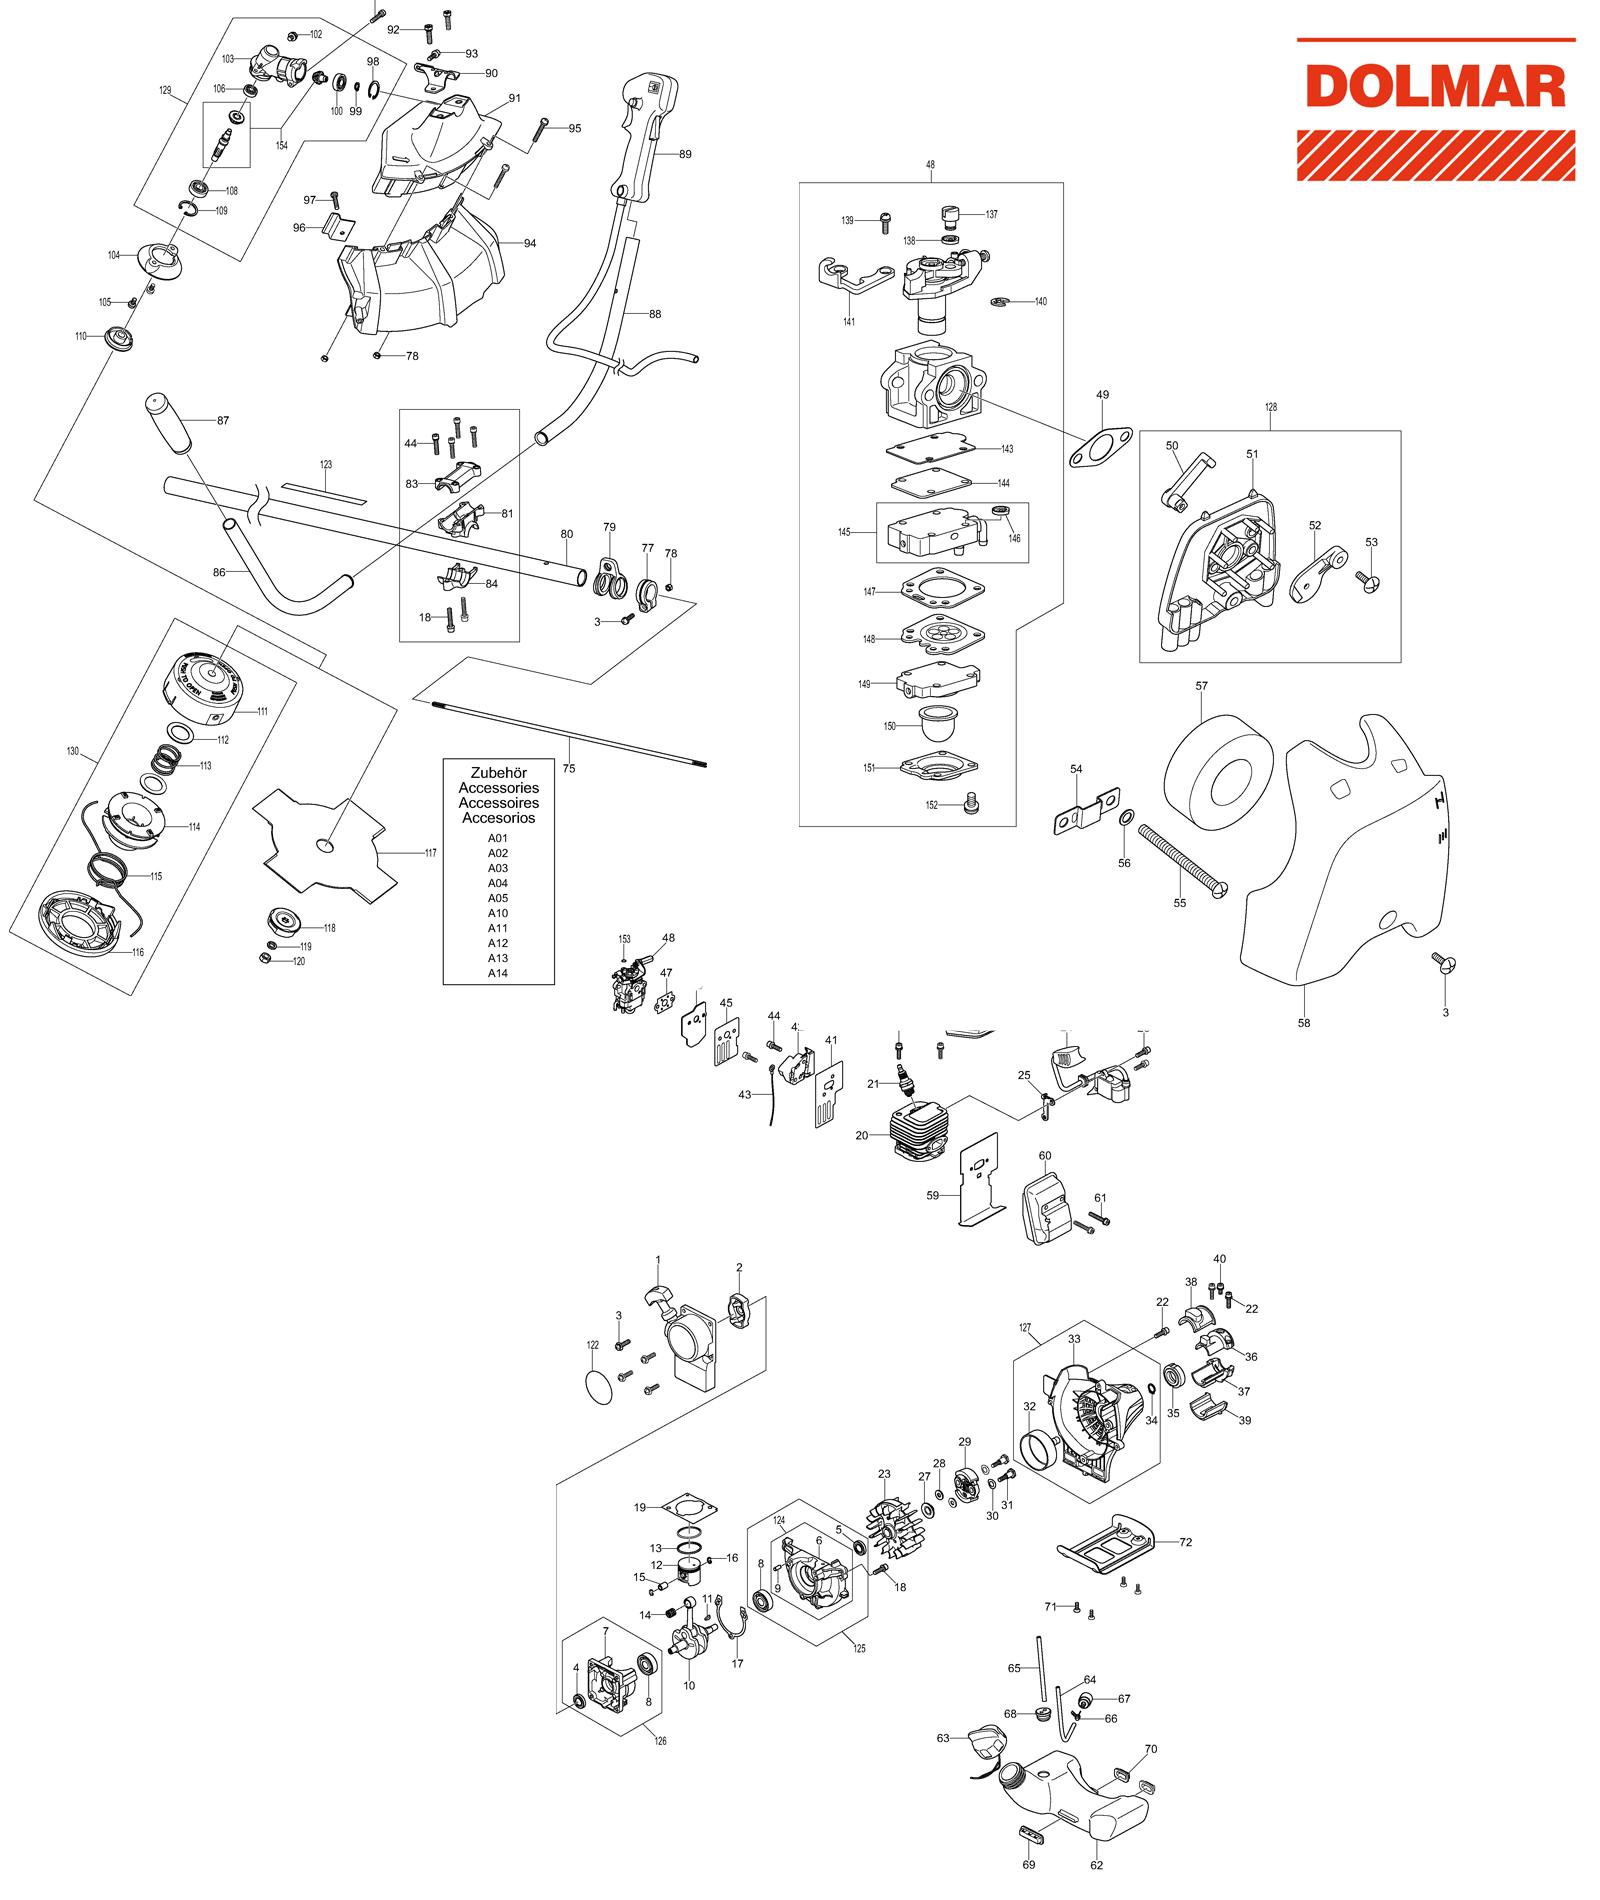 ersatzteile f r dolmar ms 27 u motorsense benzin motorsensen trimmer ersatzteile. Black Bedroom Furniture Sets. Home Design Ideas